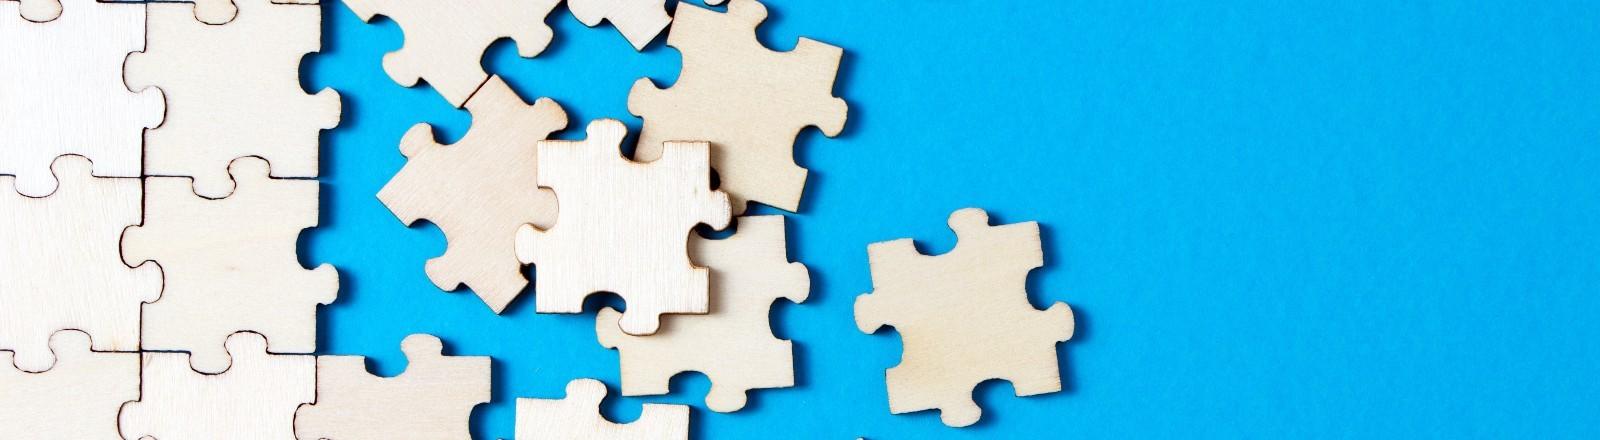 weißes Puzzle vor blauem Grund